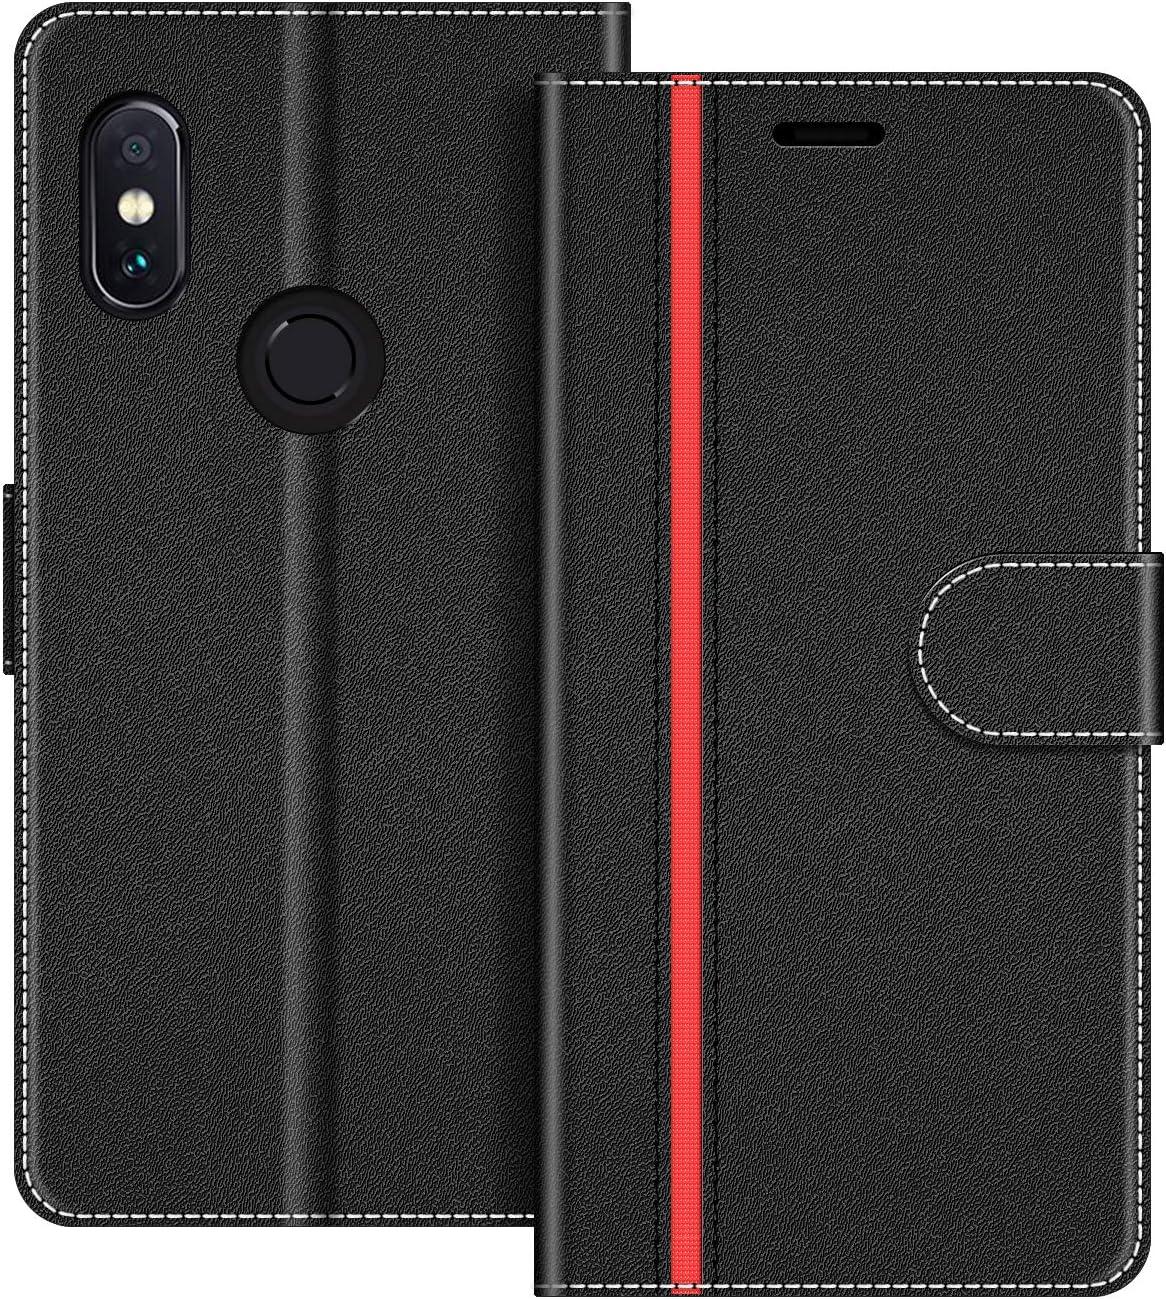 COODIO Funda Xiaomi Redmi Note 5 con Tapa, Funda Movil Xiaomi Redmi Note 5, Funda Libro Xiaomi Note 5 Carcasa Magnético Funda para Xiaomi Redmi Note 5, Negro/Rojo